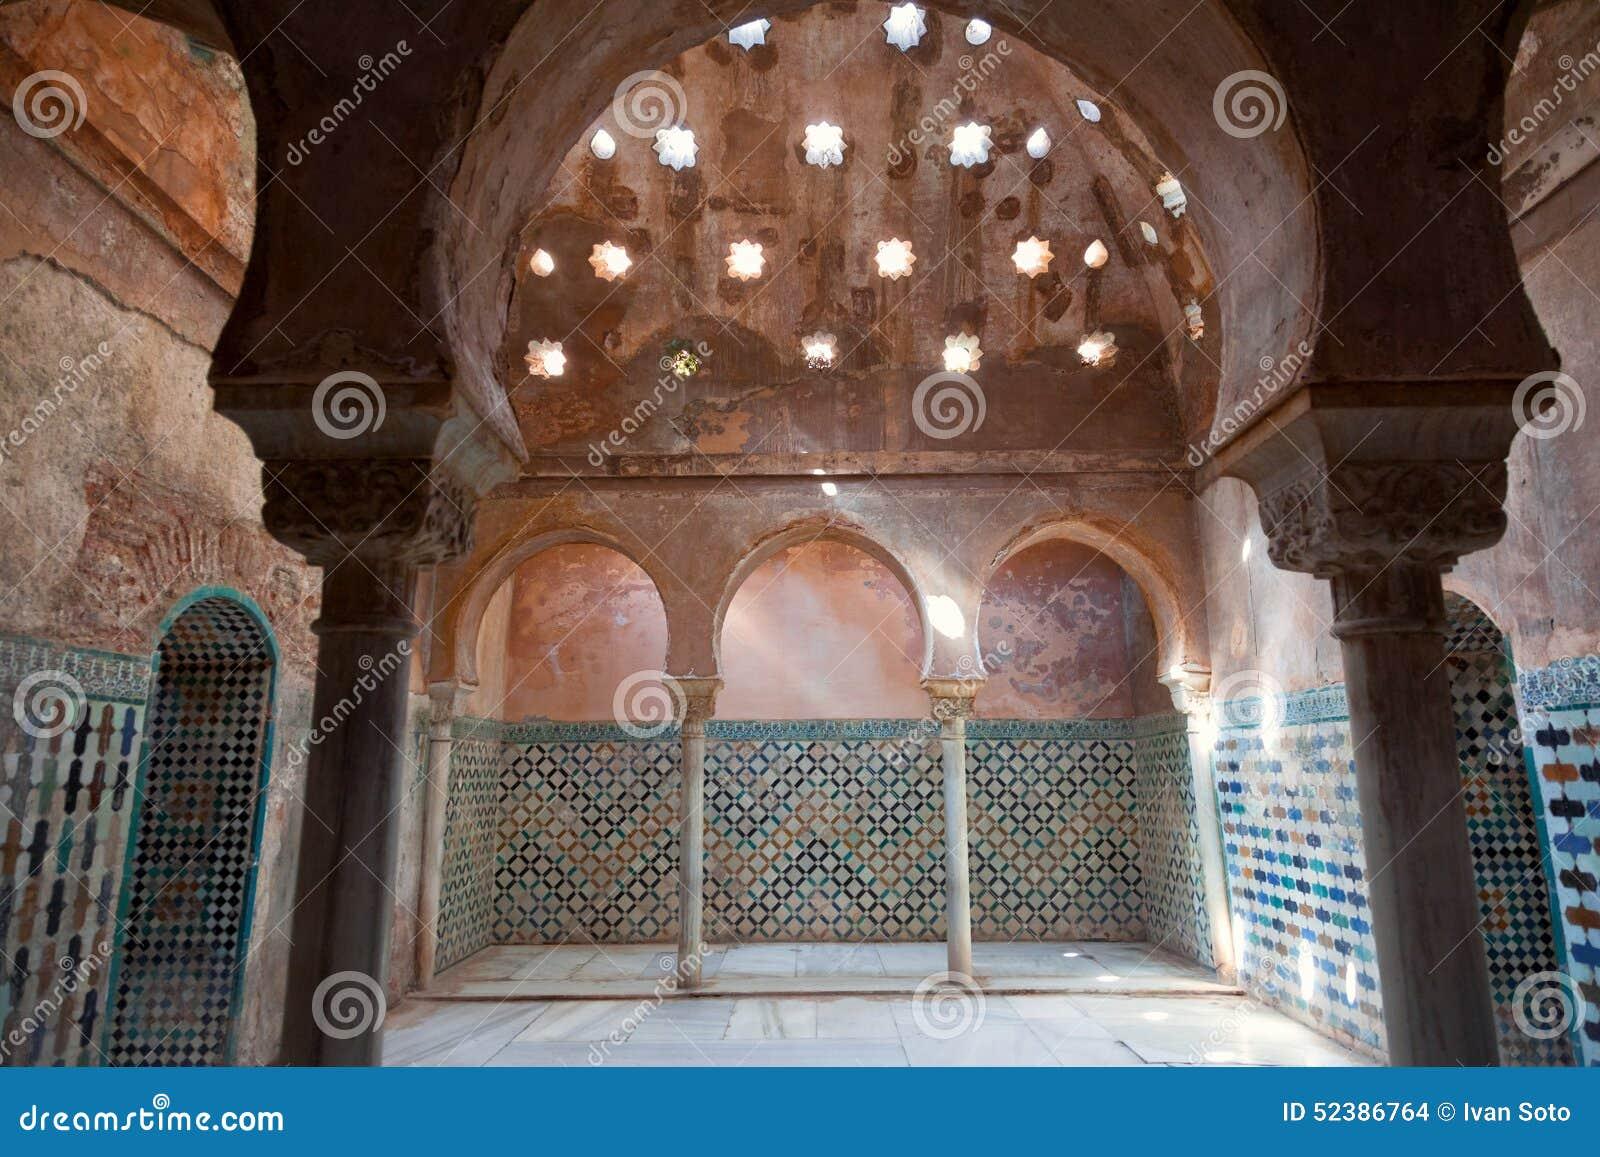 Amazing Baños árabes En Alhambra De Granada